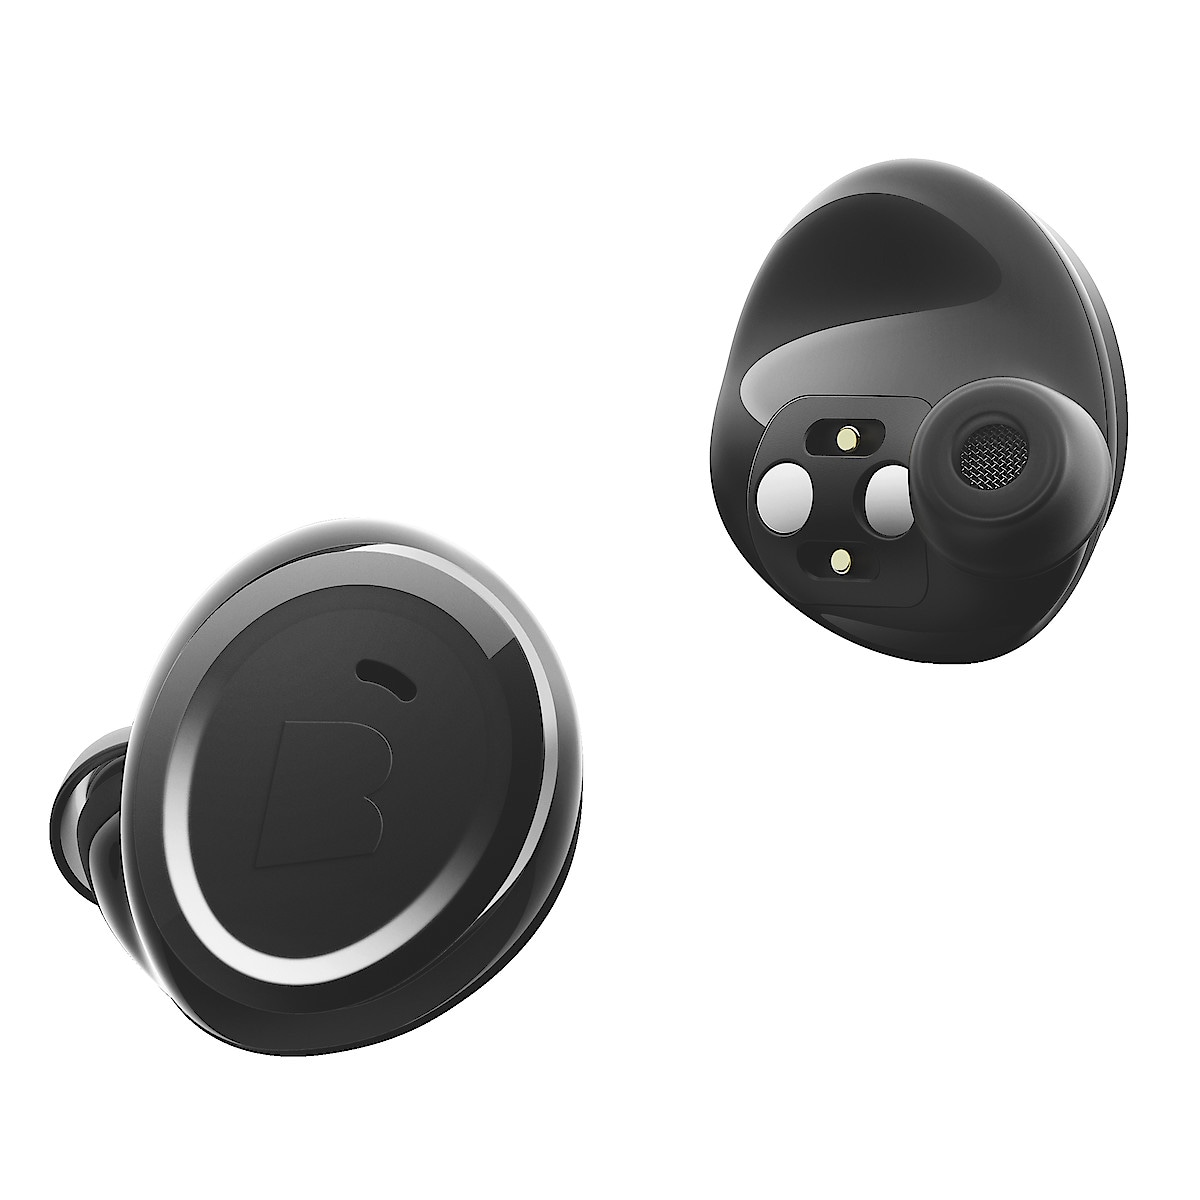 Bragi The Headphone trådløse hodetelefoner med mikrofon